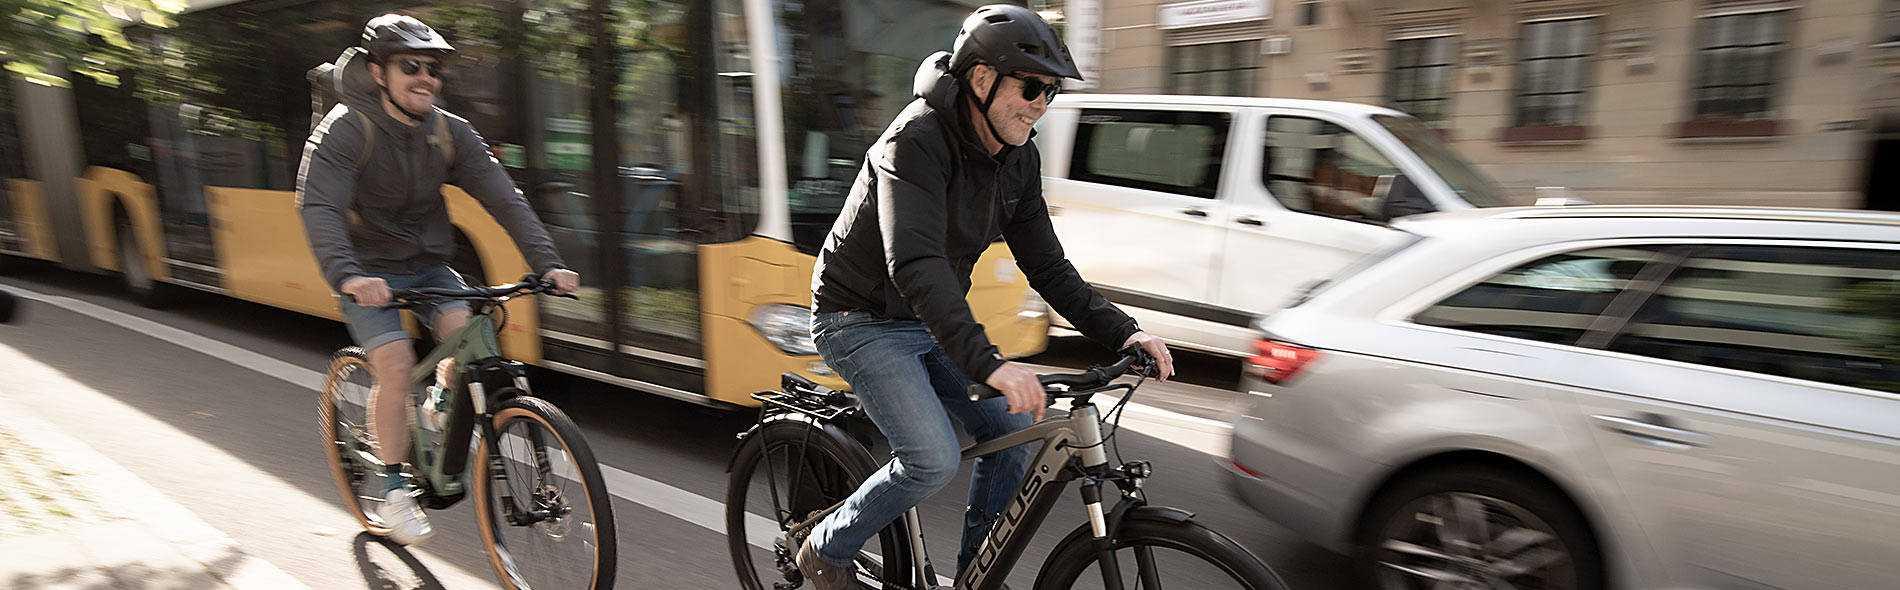 9c0a426a452 AVENTURA² | FOCUS Bikes